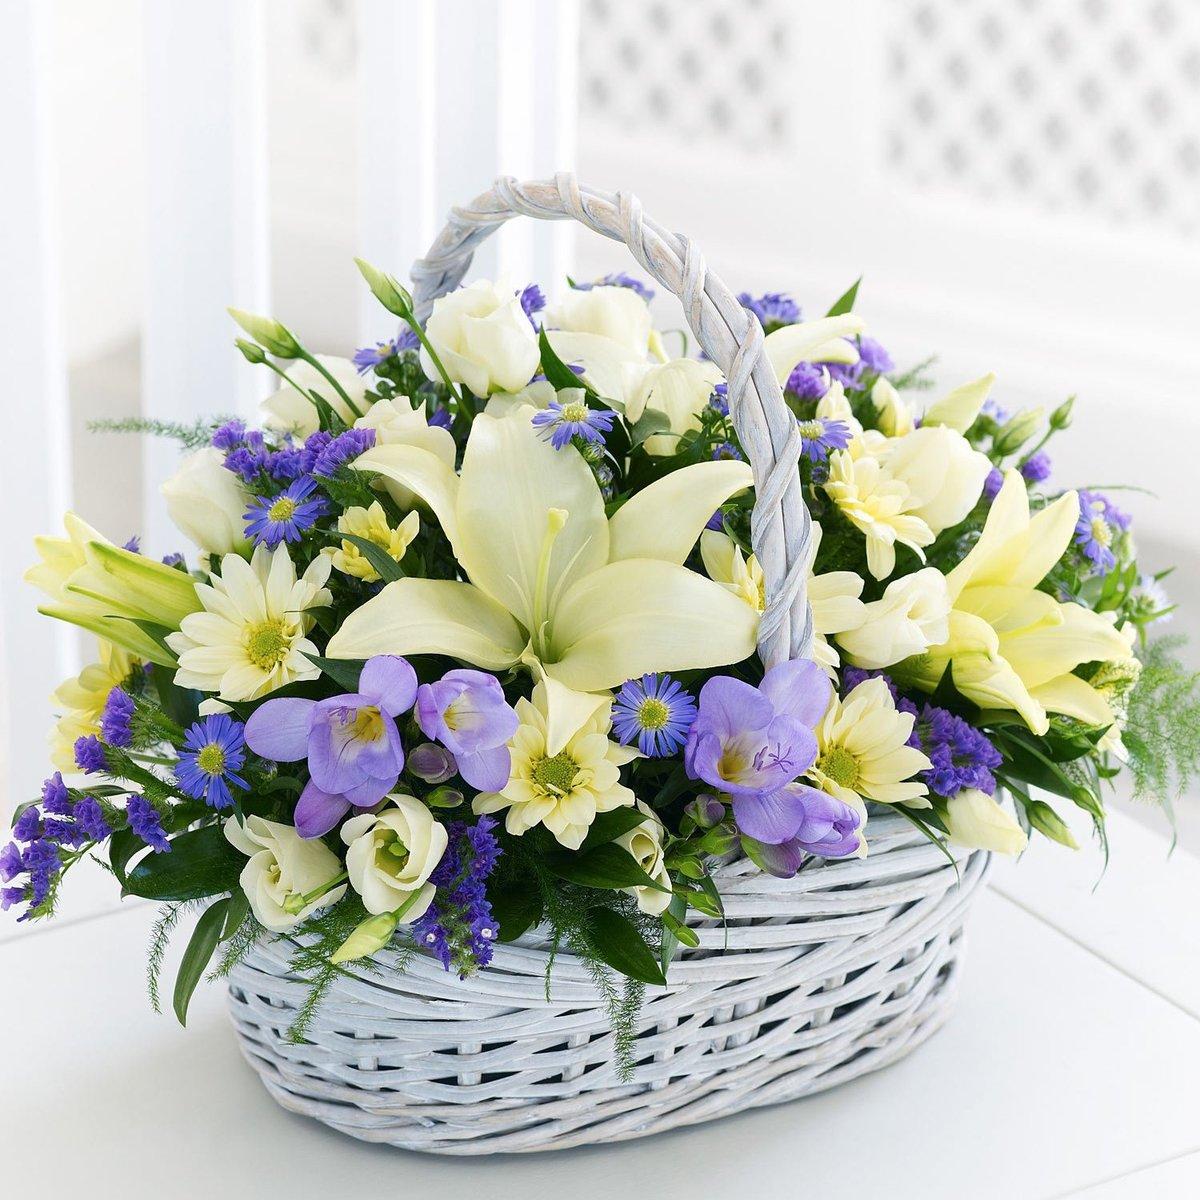 Букетах композициях, букет с лилиями в корзине